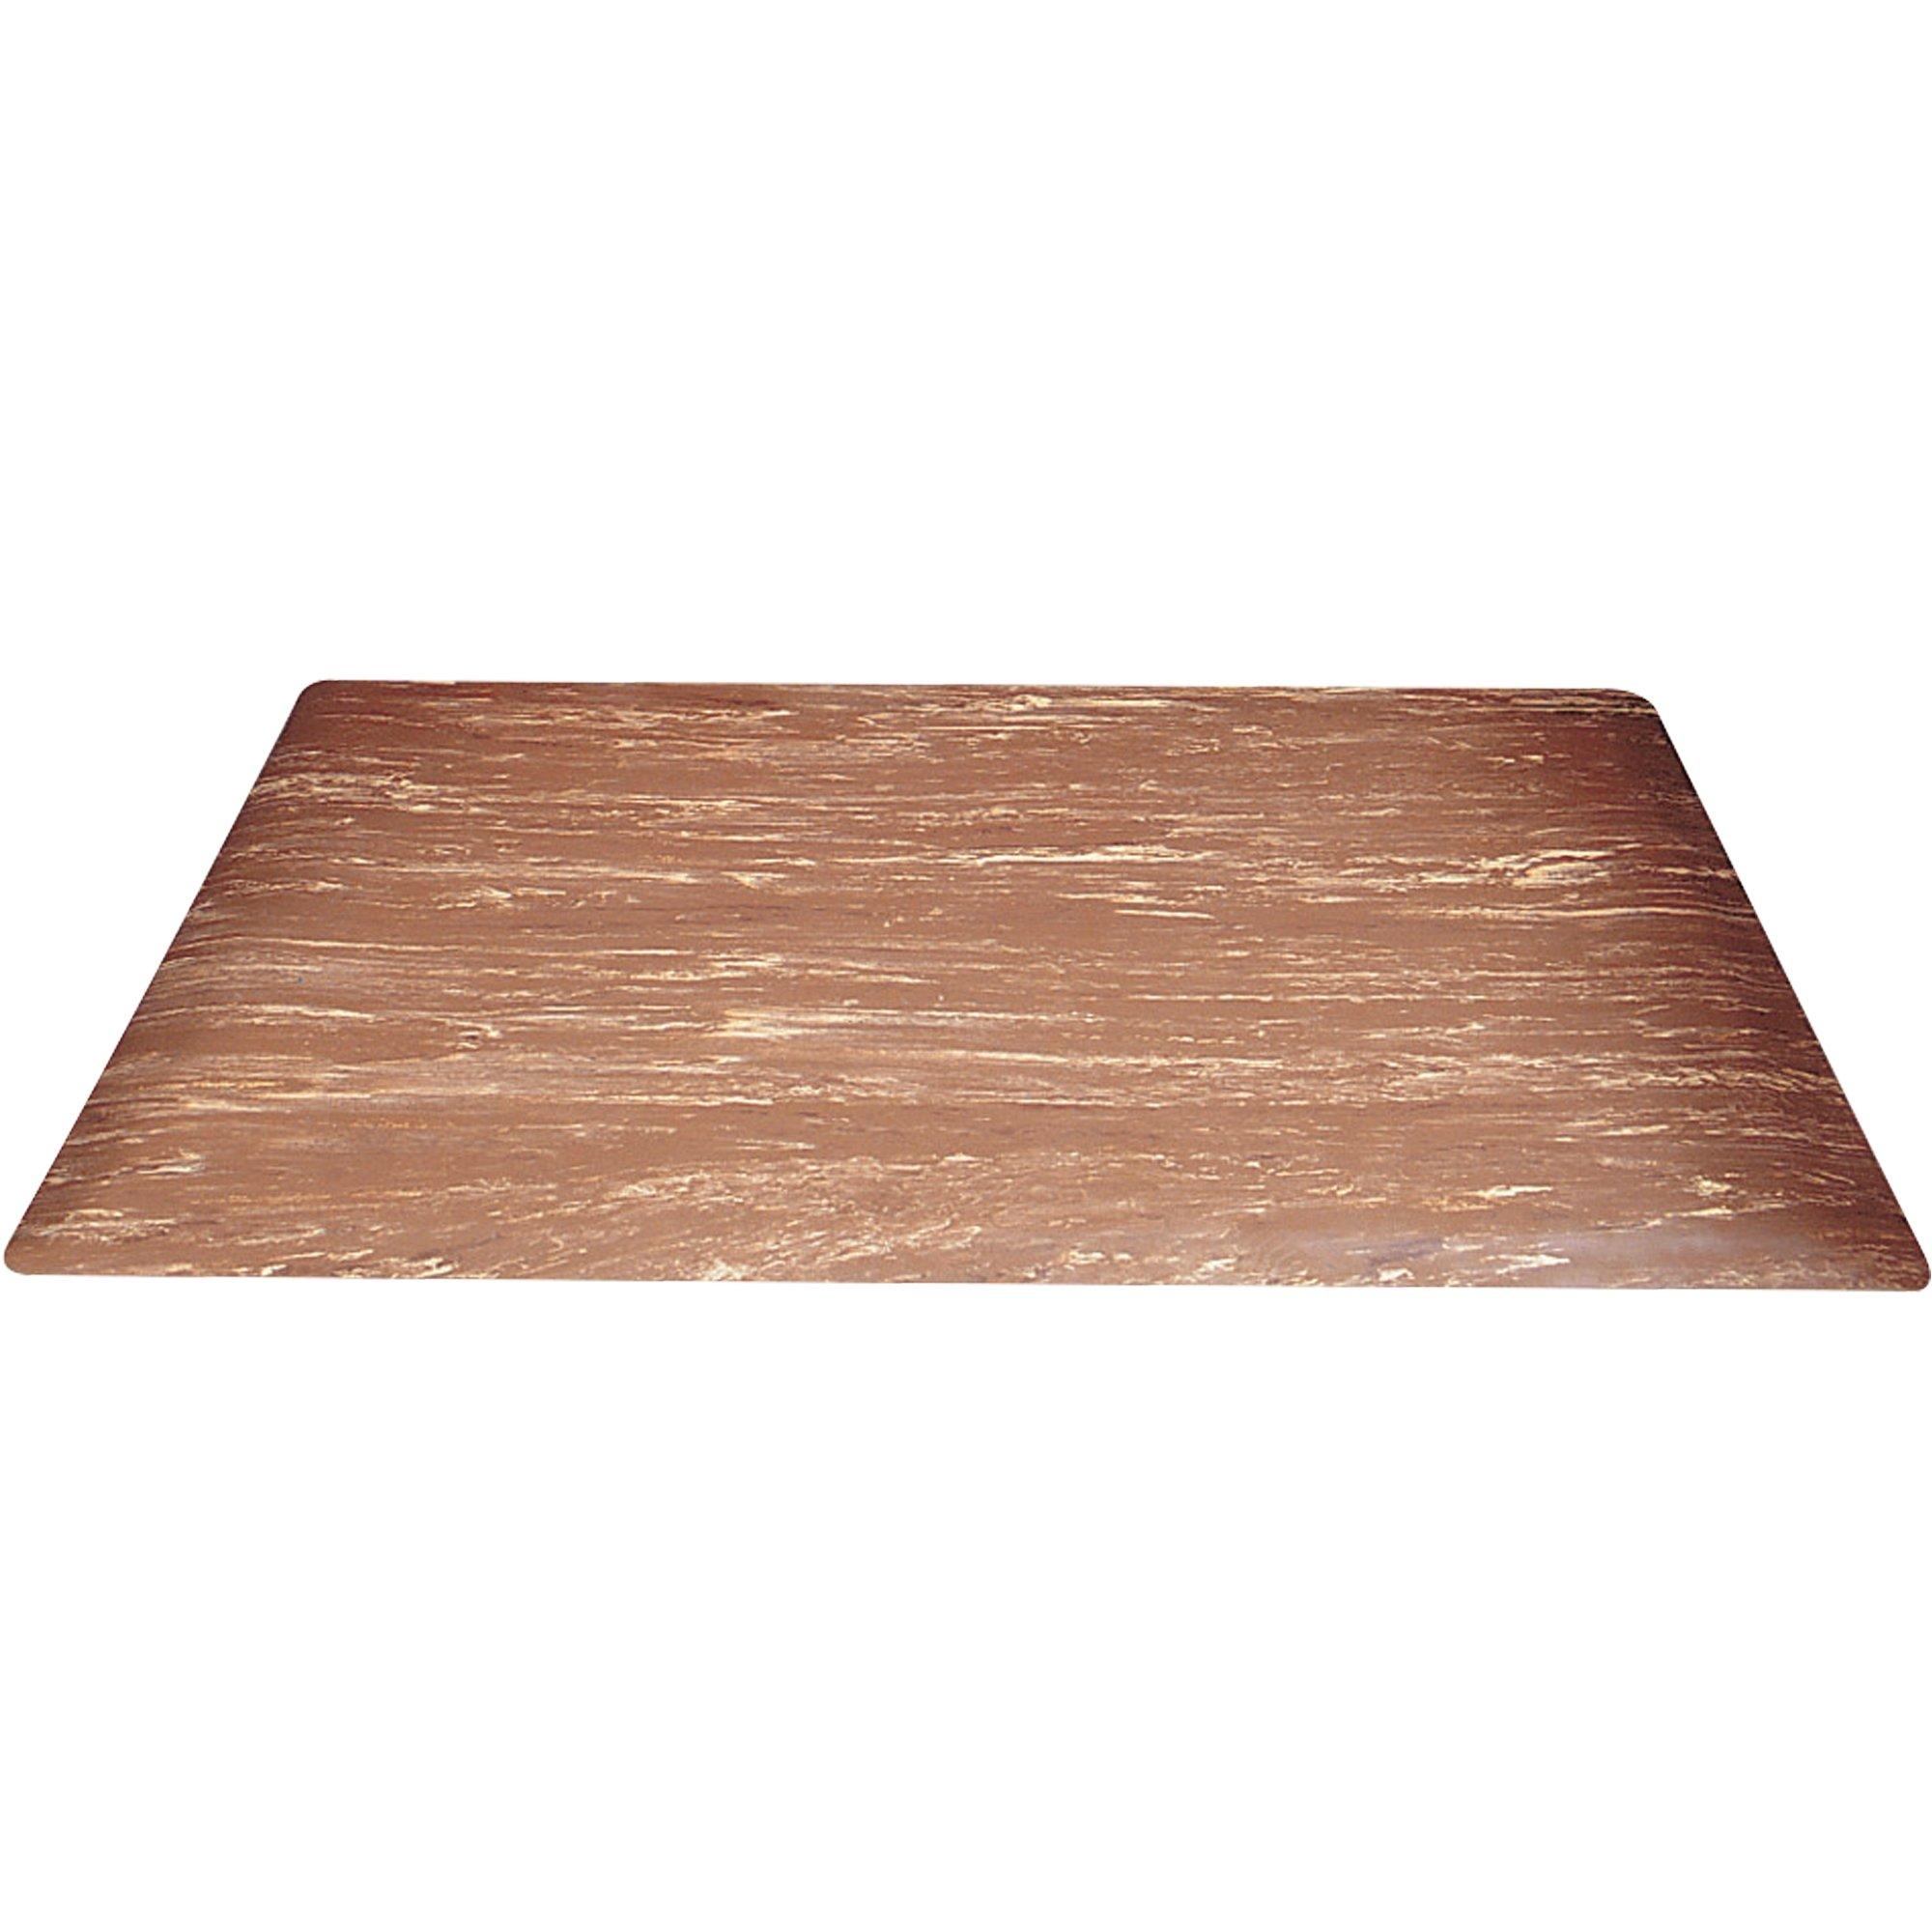 2 x 10' Walnut Marble Anti-Fatigue Mat